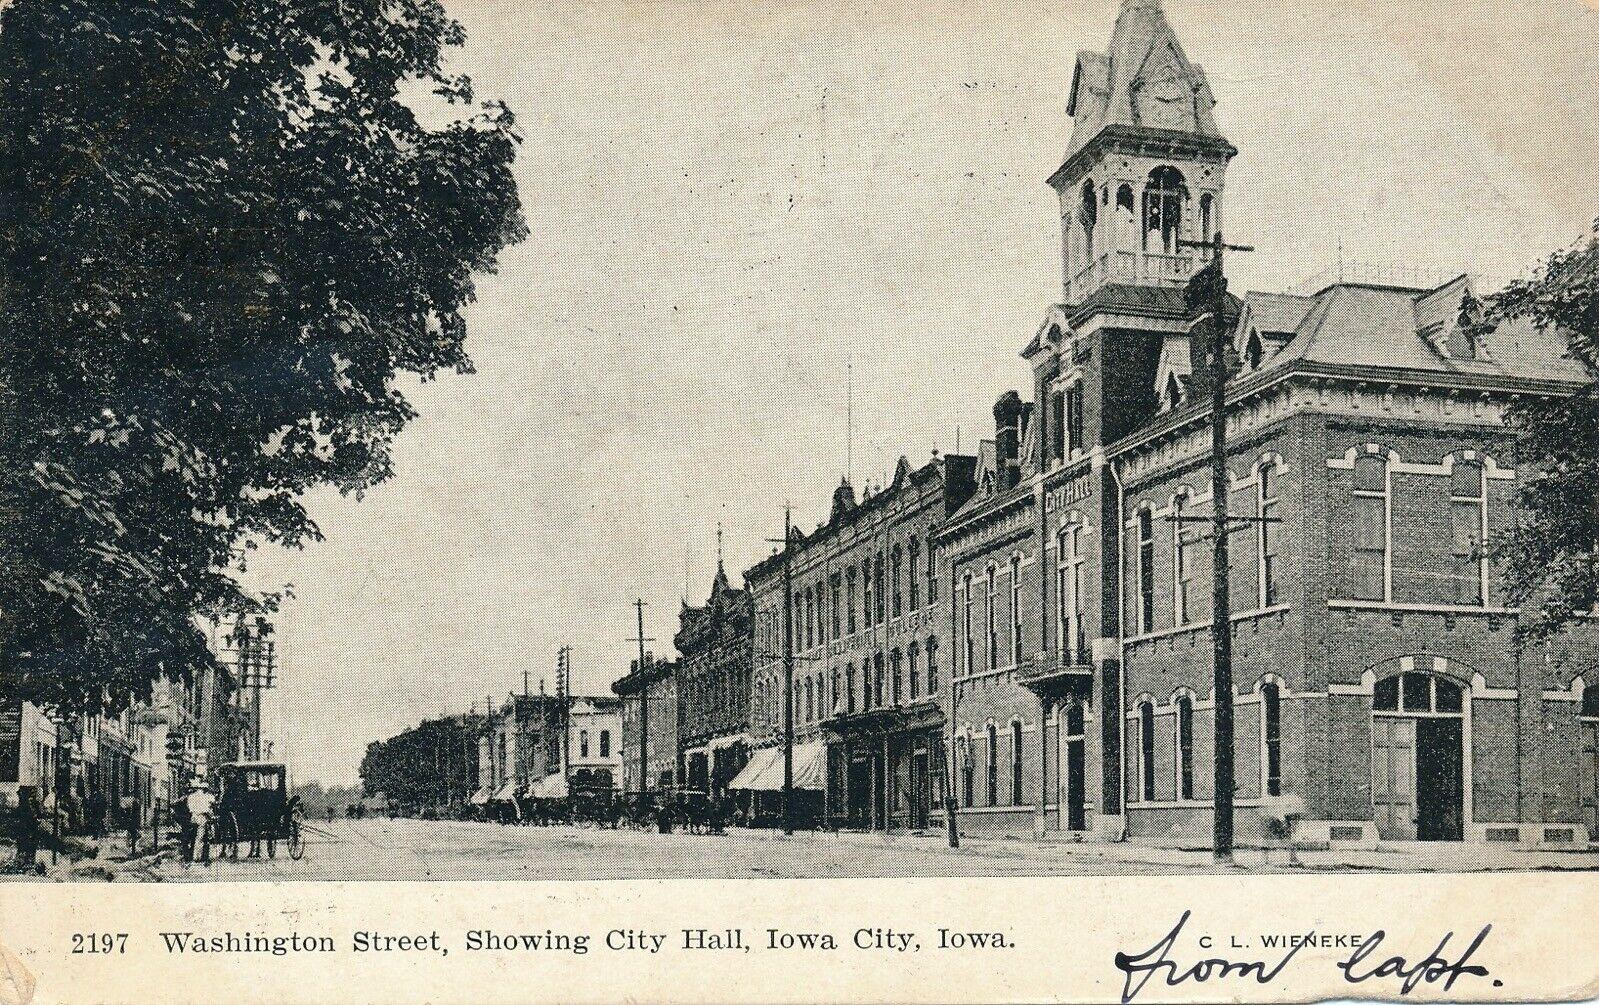 1907CityHallWashingtonSt